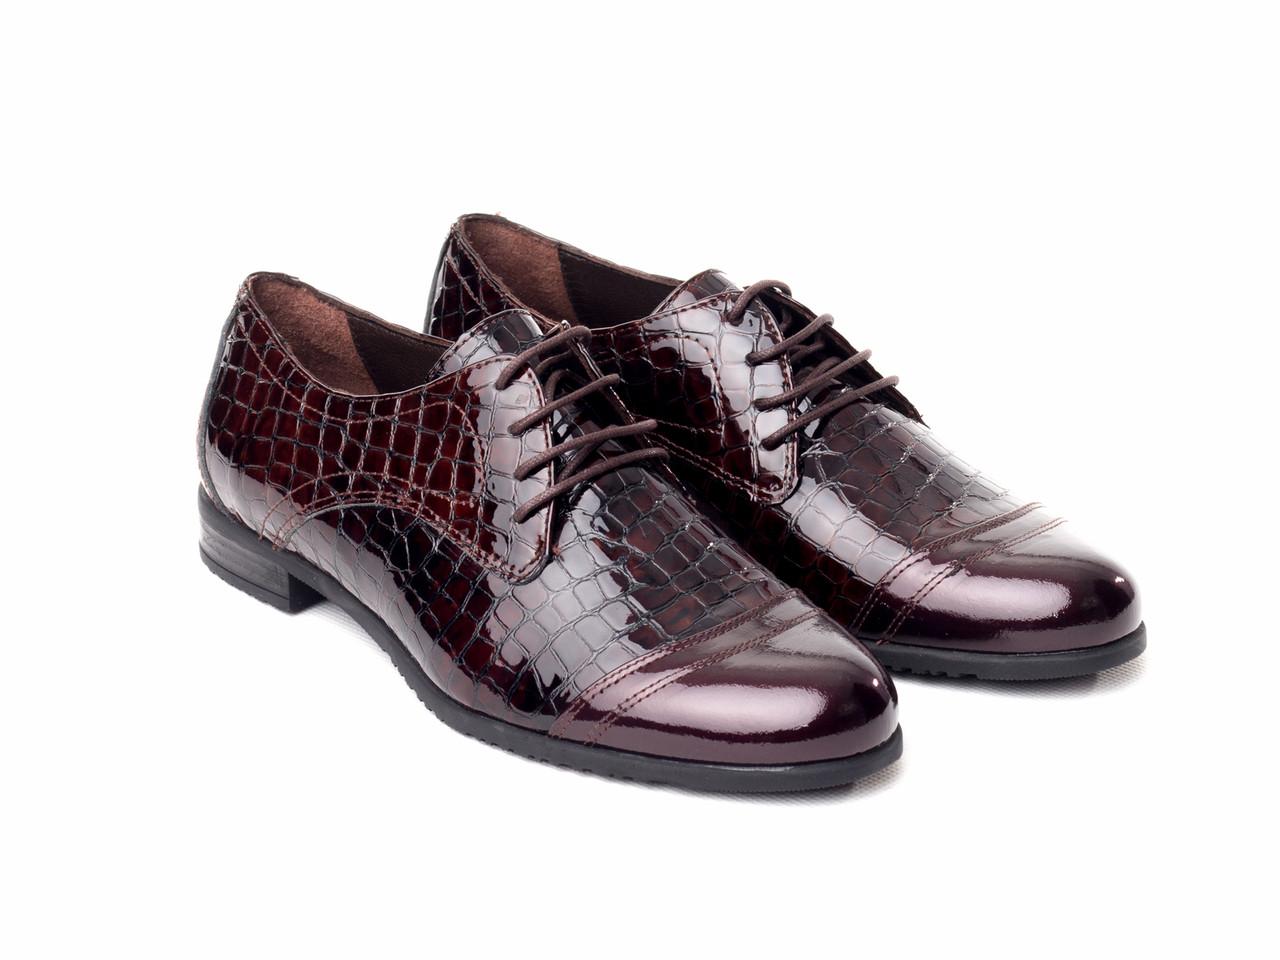 Туфли Etor 5443-51046-19 36 коричневые